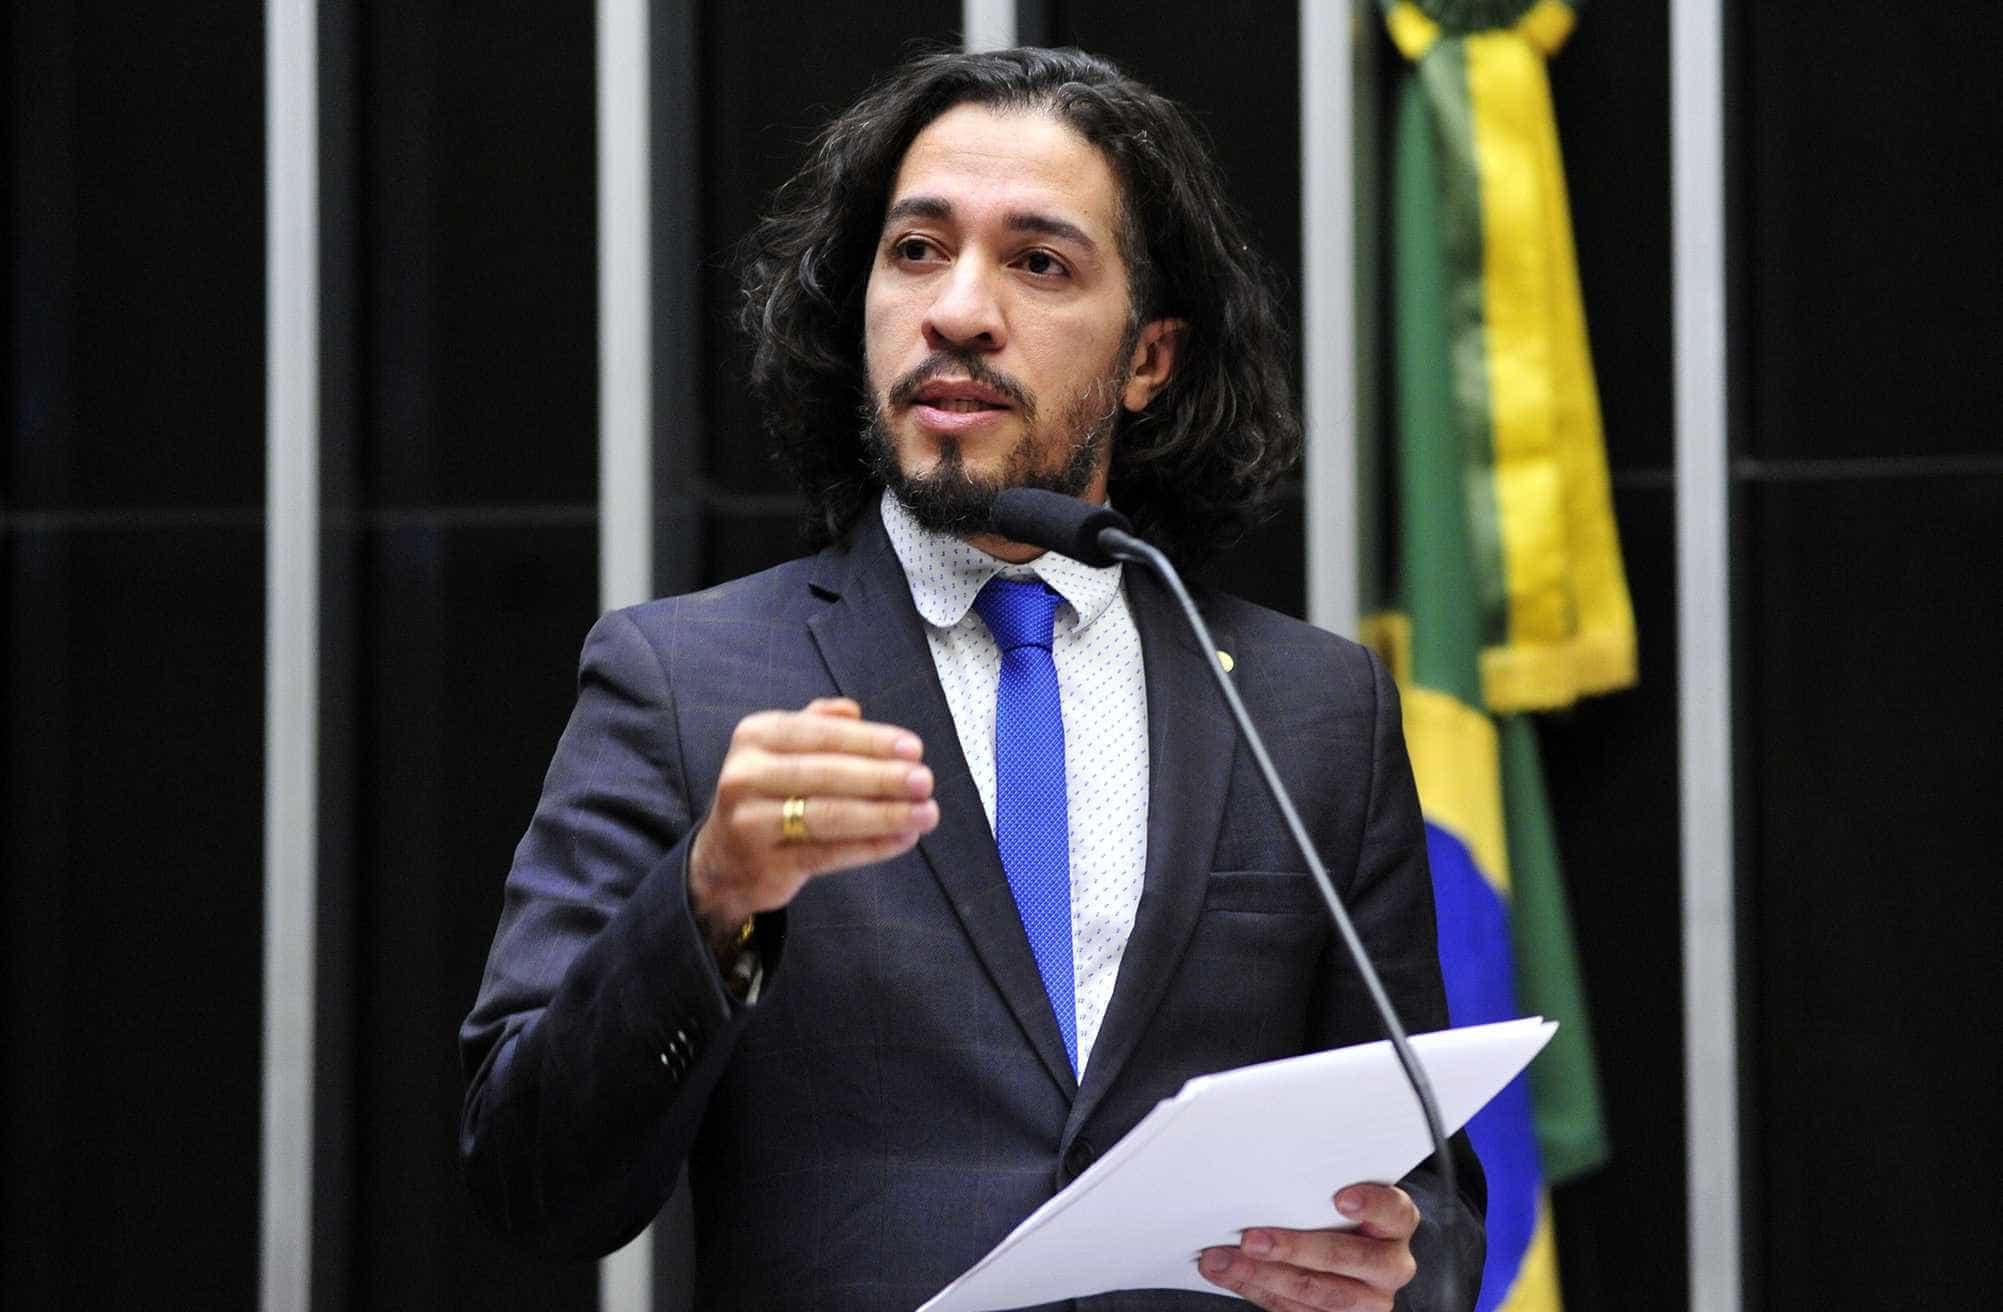 Jean Wyllys consegue reeleição para deputado federal no RJ